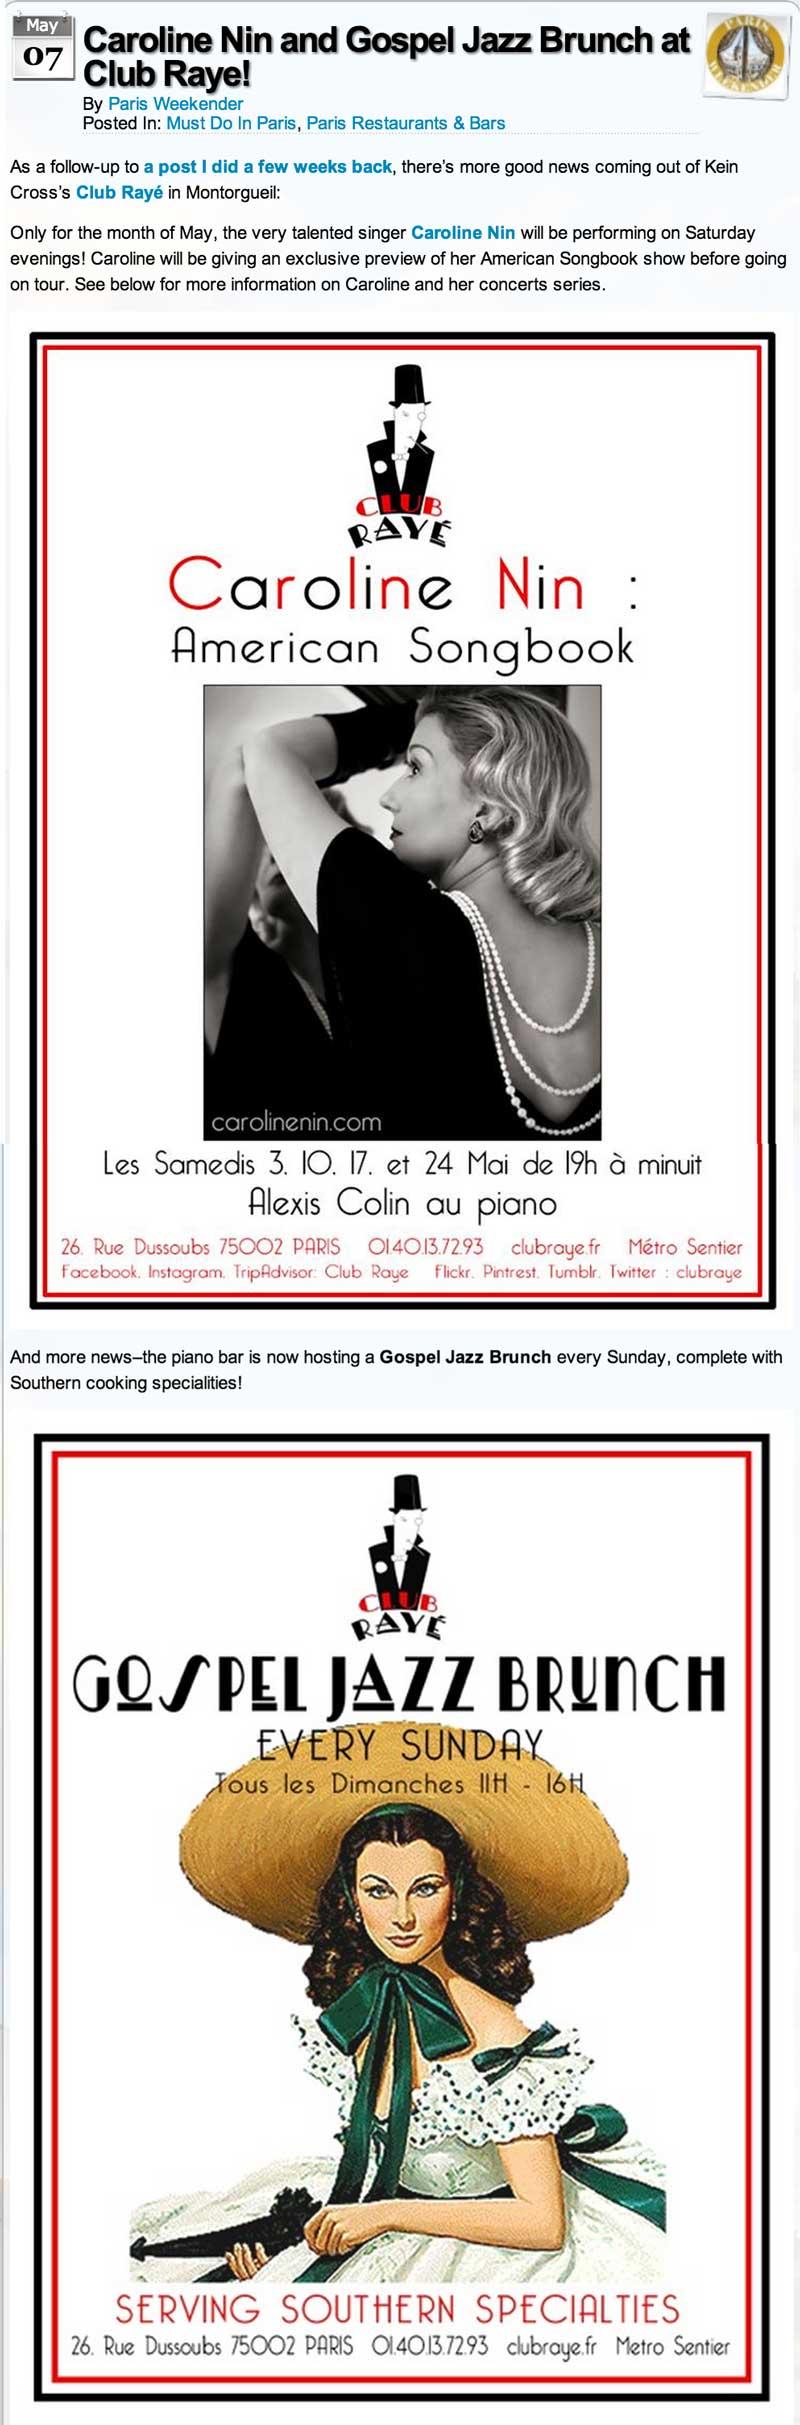 Parisweekender May 2014